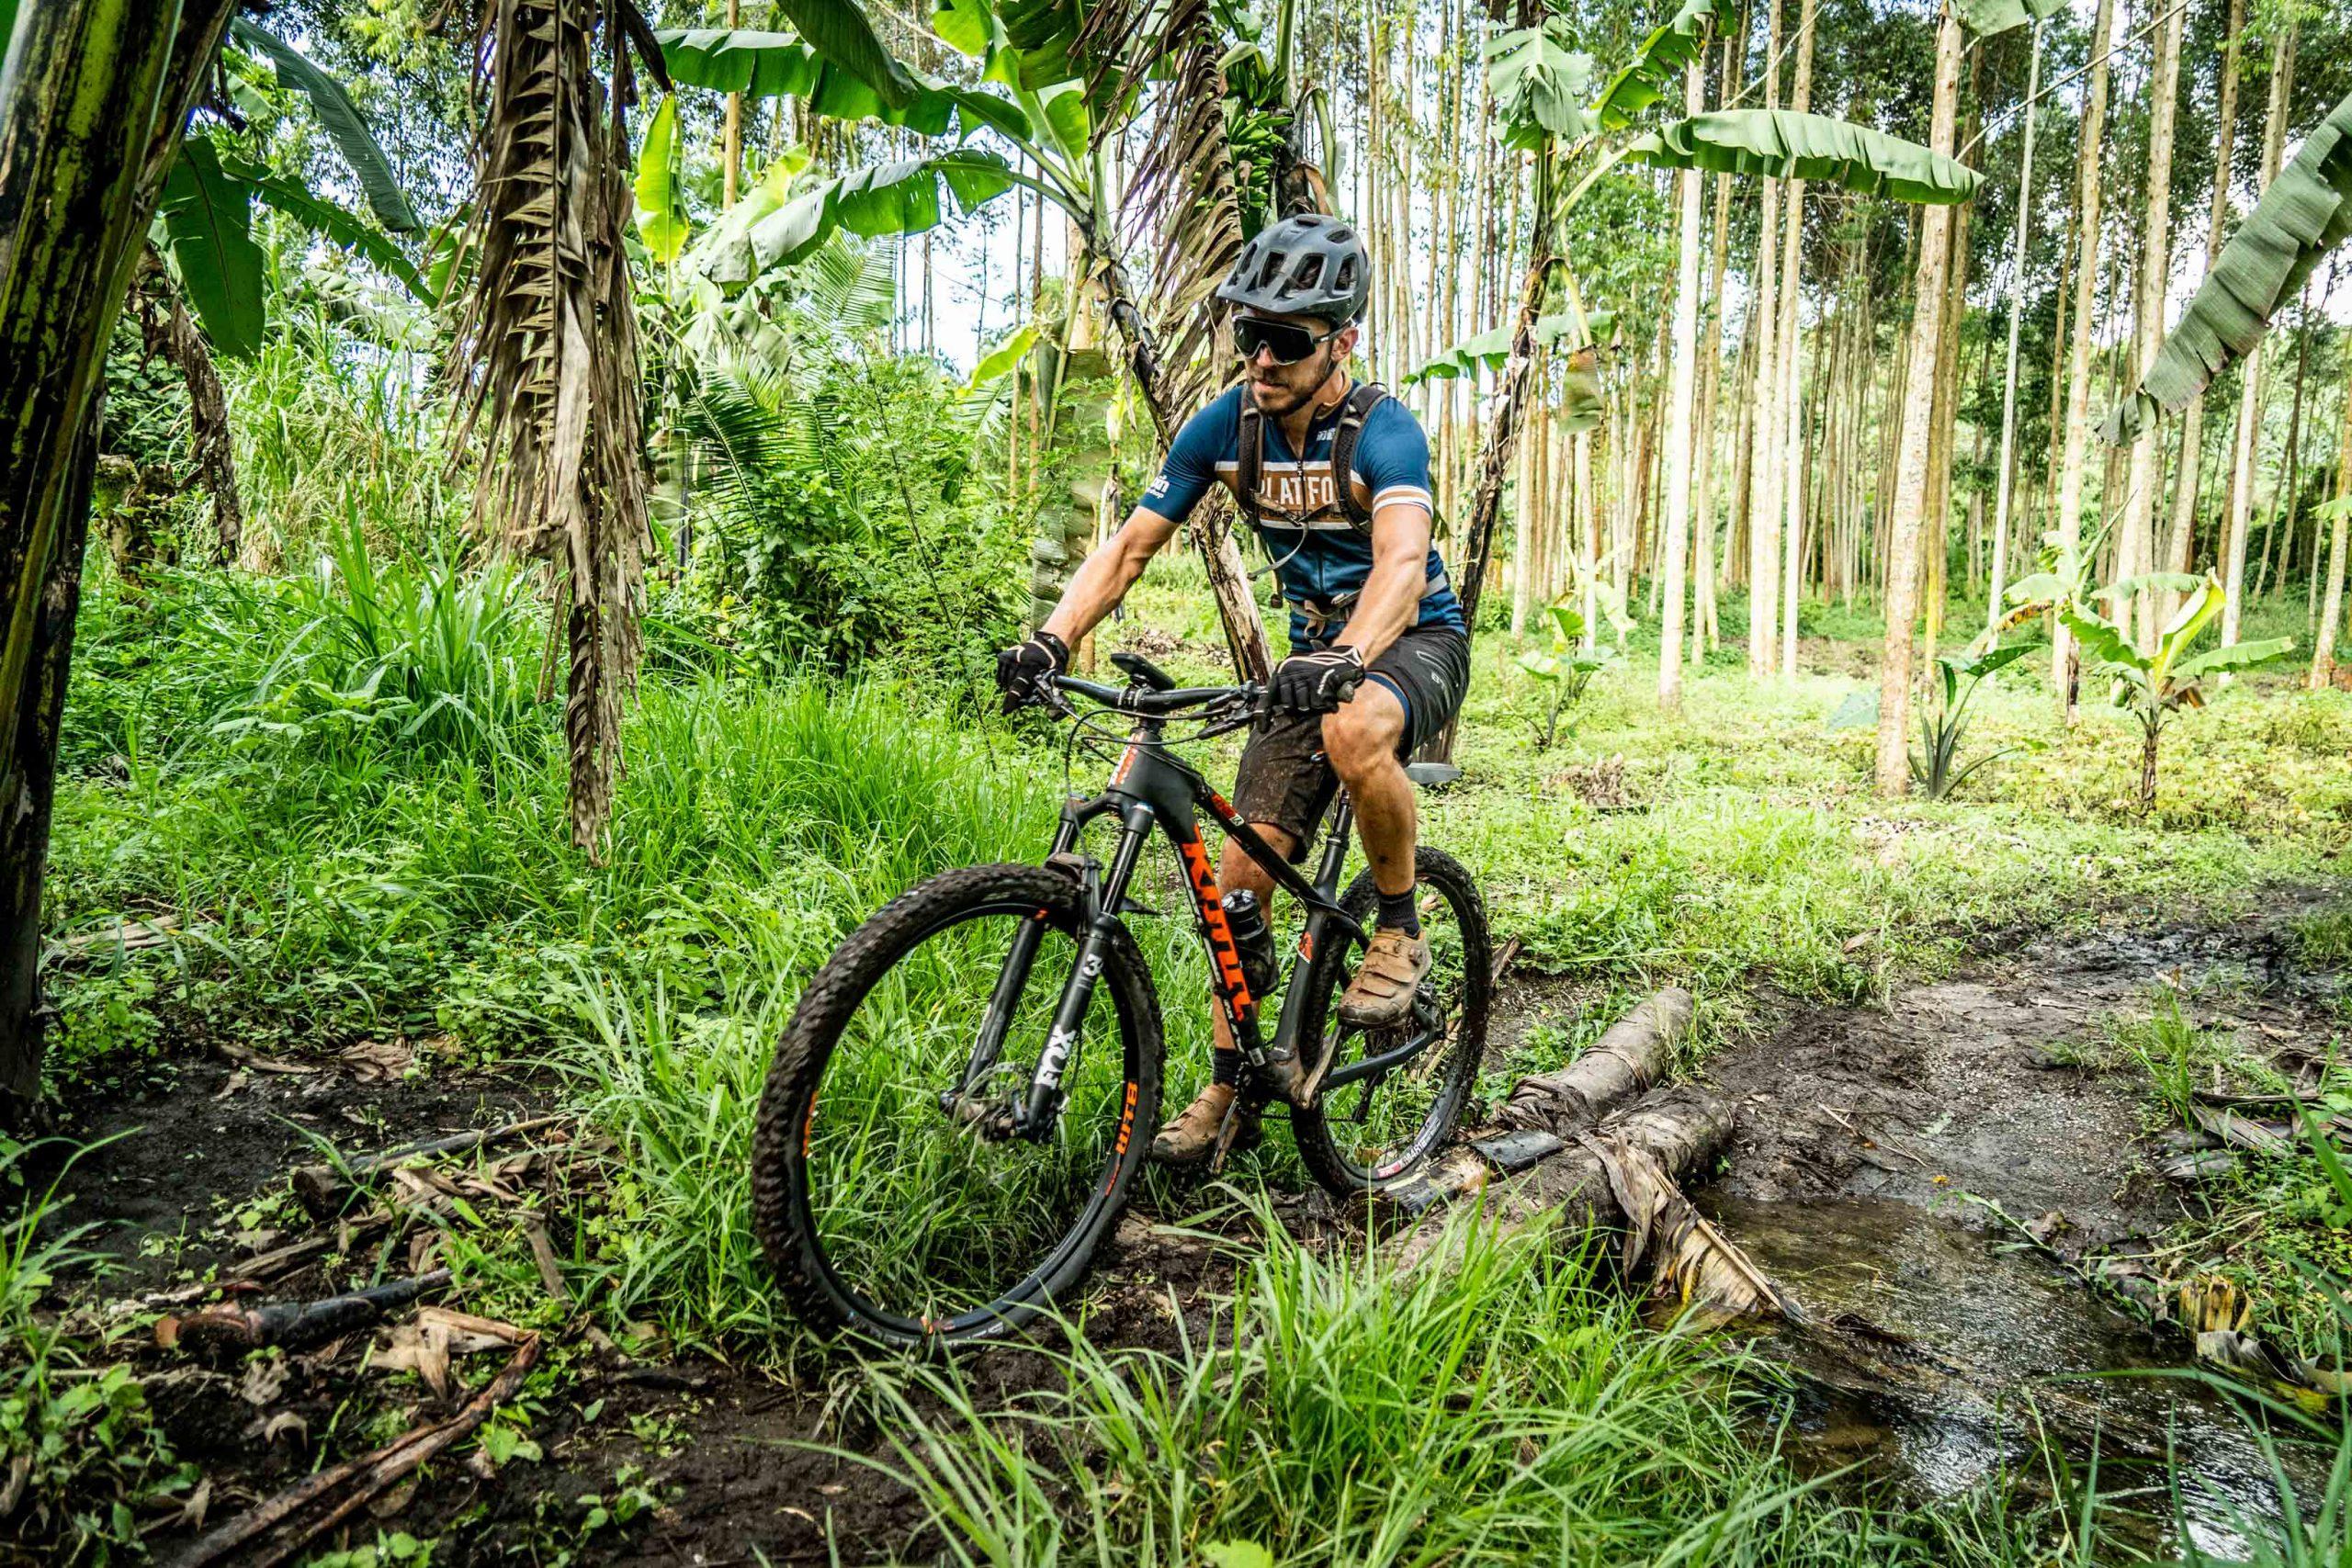 Mountainbike jungle